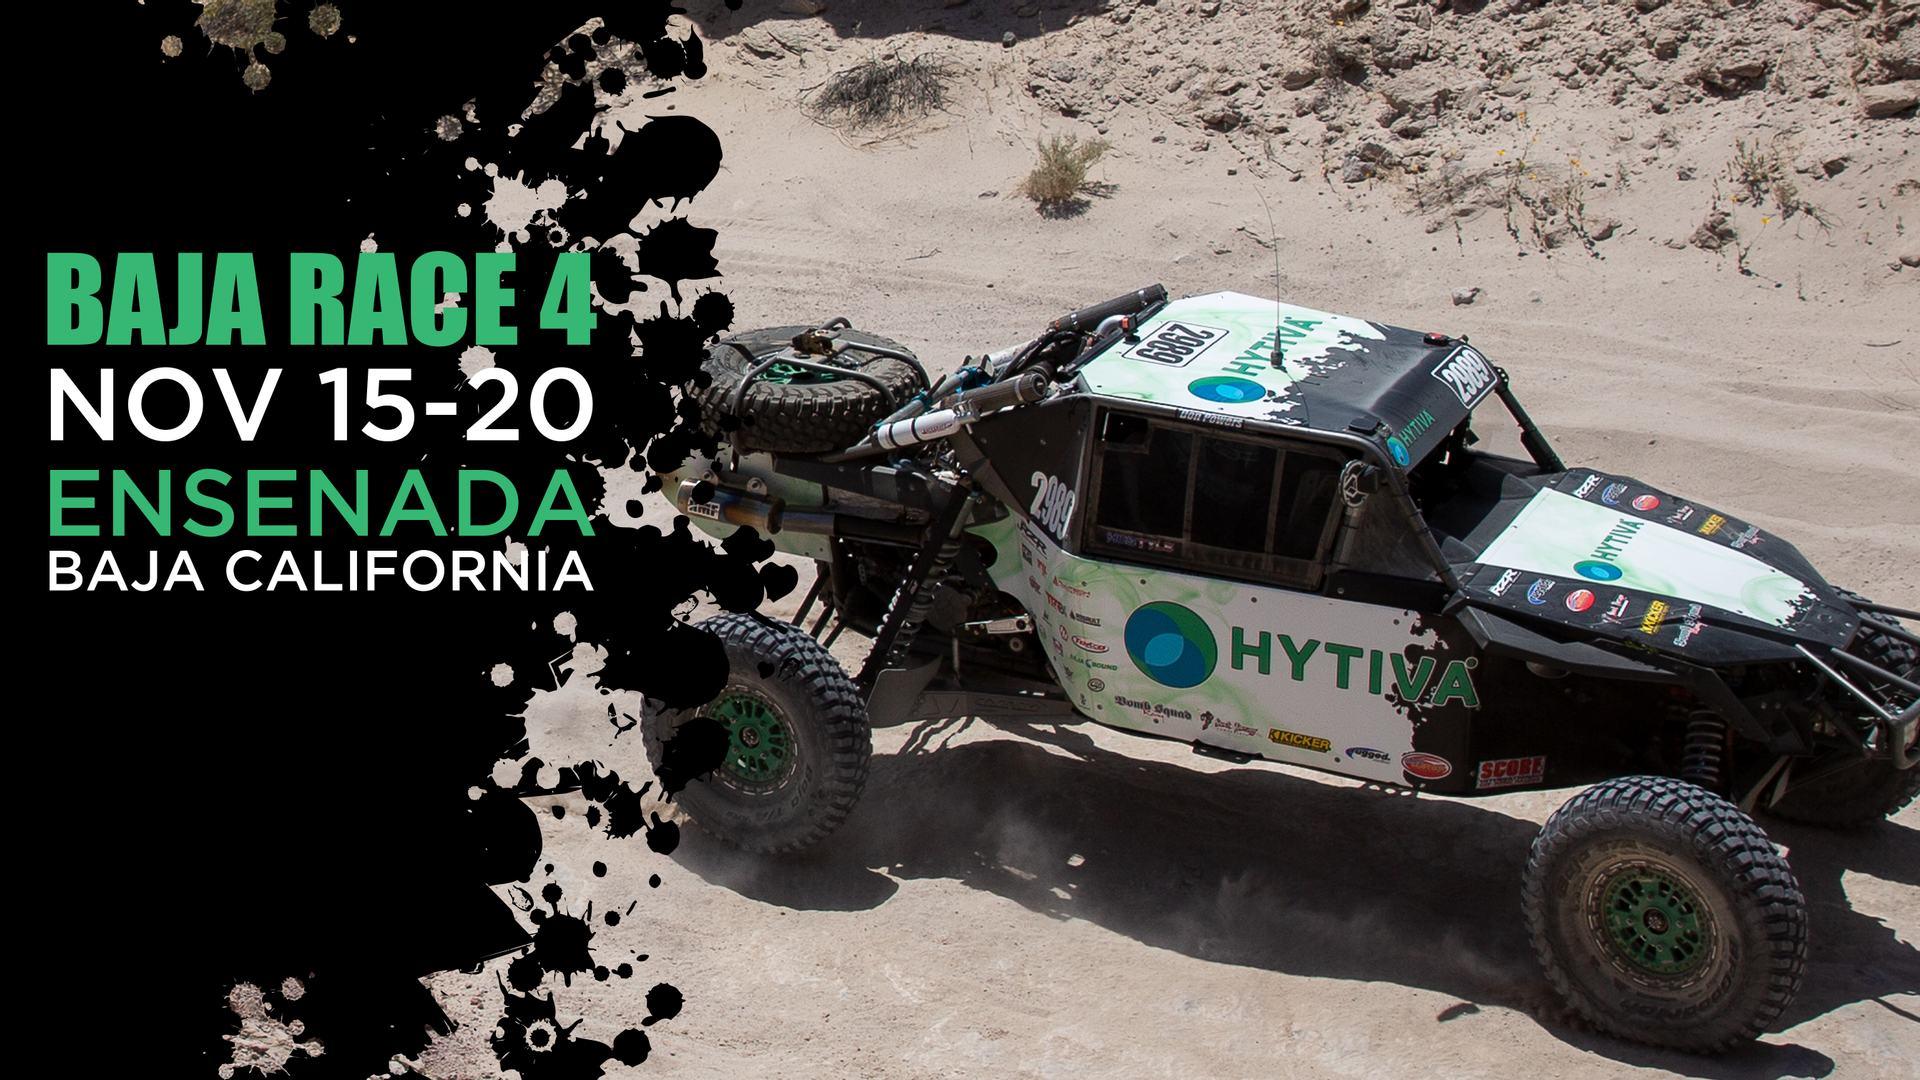 Baja Mexico Race November 2021